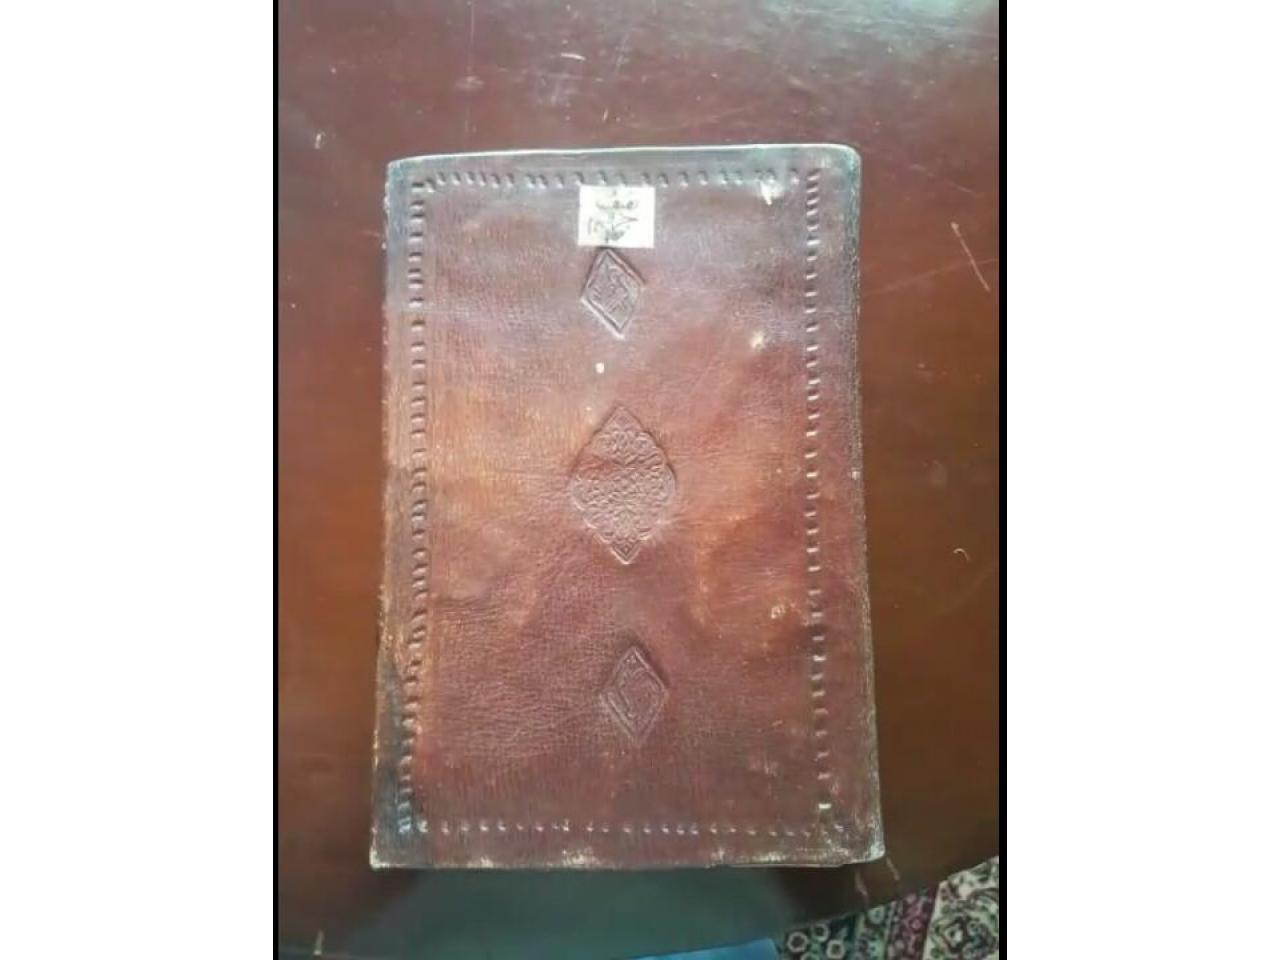 Стариный книга полавино 17 века рукапис - 3